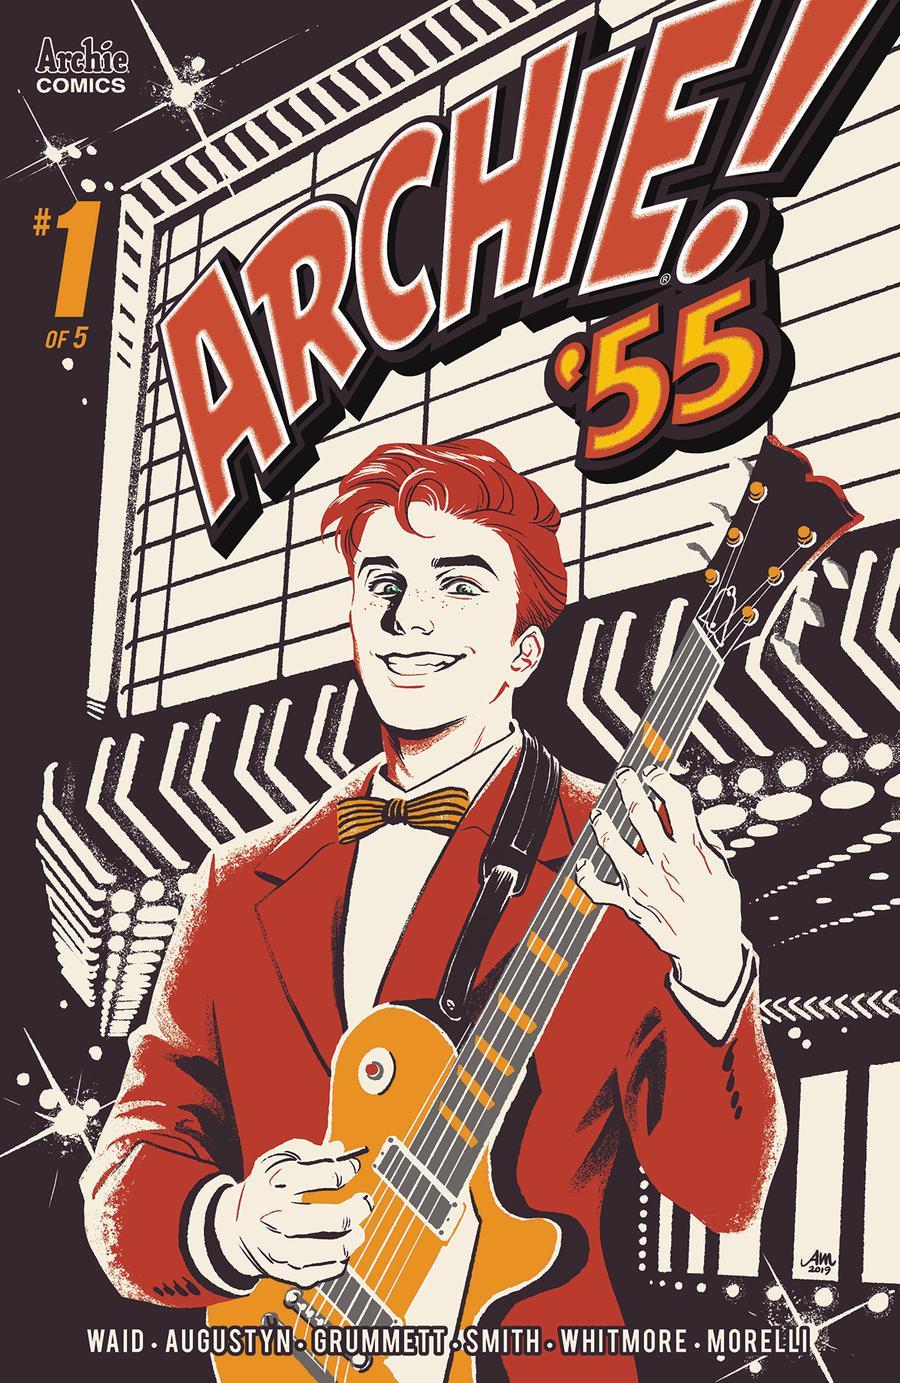 Archie 1955 #1 Cover A Regular Audrey Mok Cover